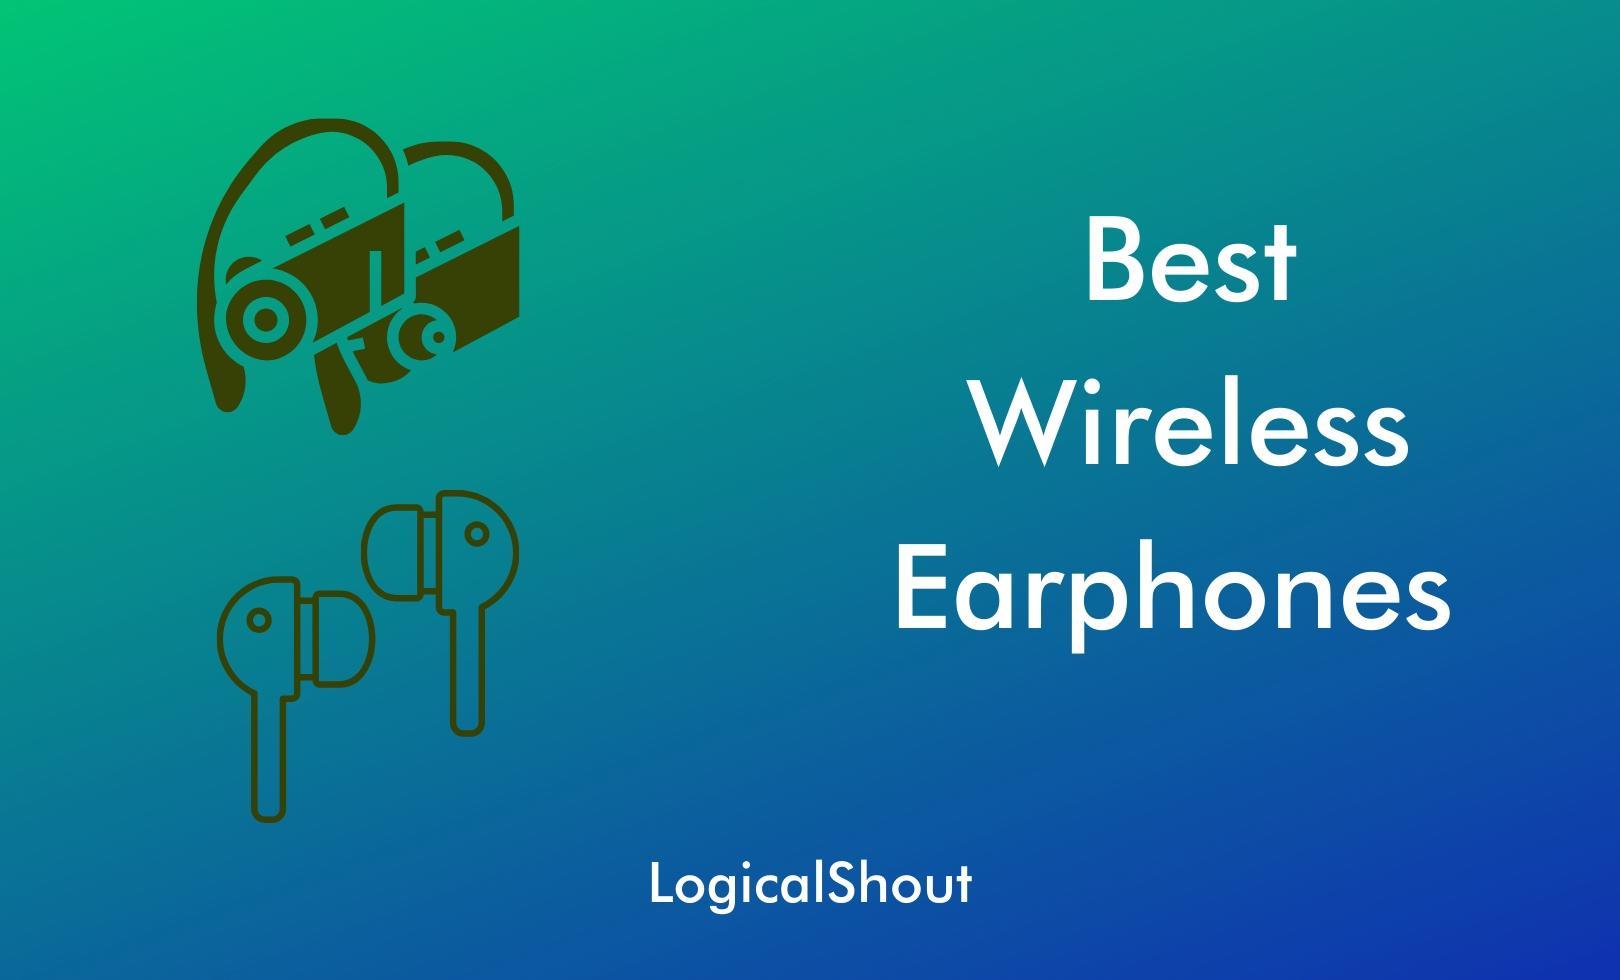 Best Wireless Earphones in India